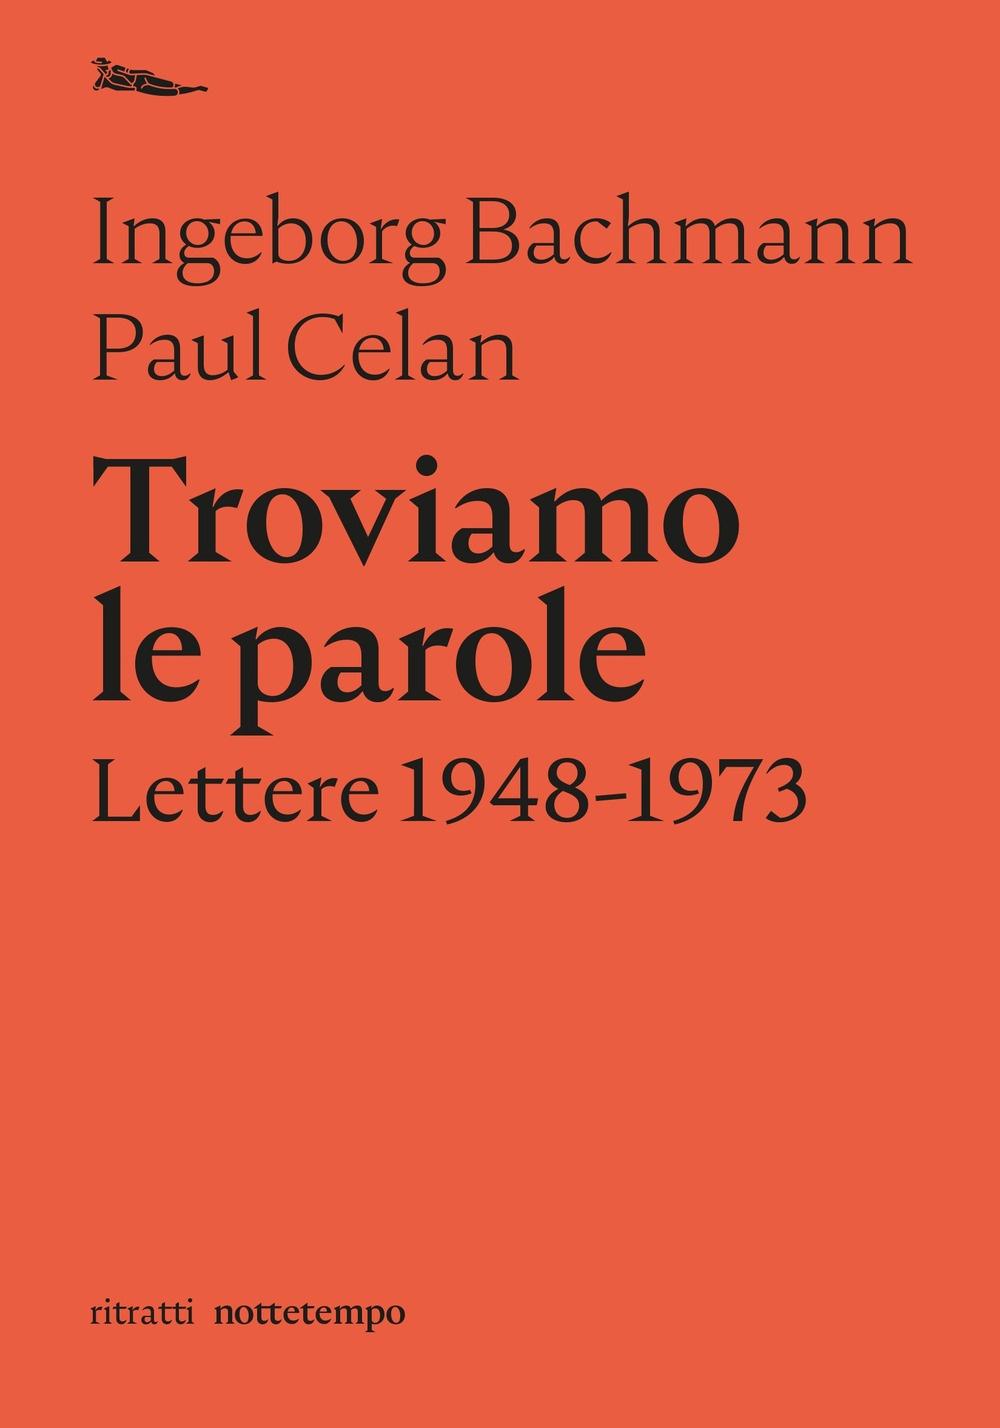 Troviamo le parole. Lettere 1948-1973.